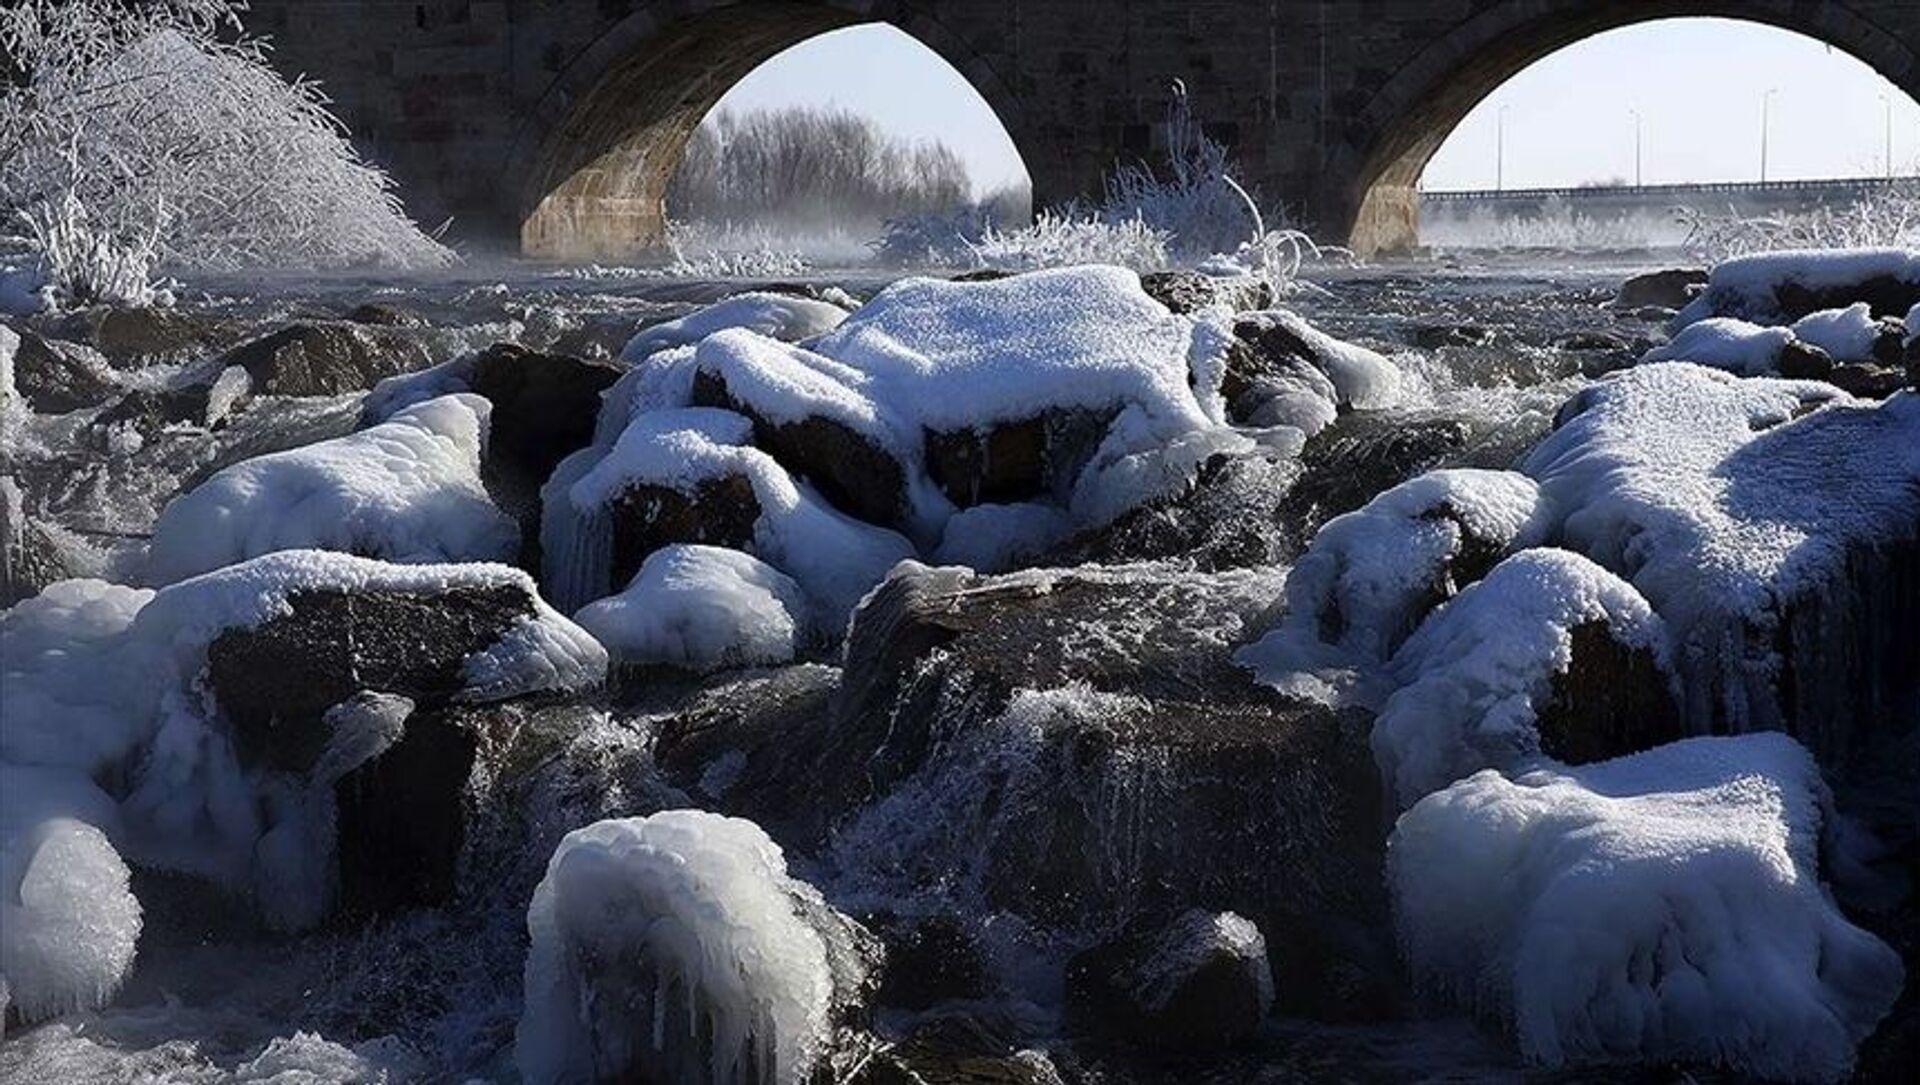 Sivas'ın İmranlı ilçesi, bu gece sıfırın altında 27,1 derece ile Türkiye'nin en soğuk yeri olarak kayıtlara geçti. - Sputnik Türkiye, 1920, 22.02.2021